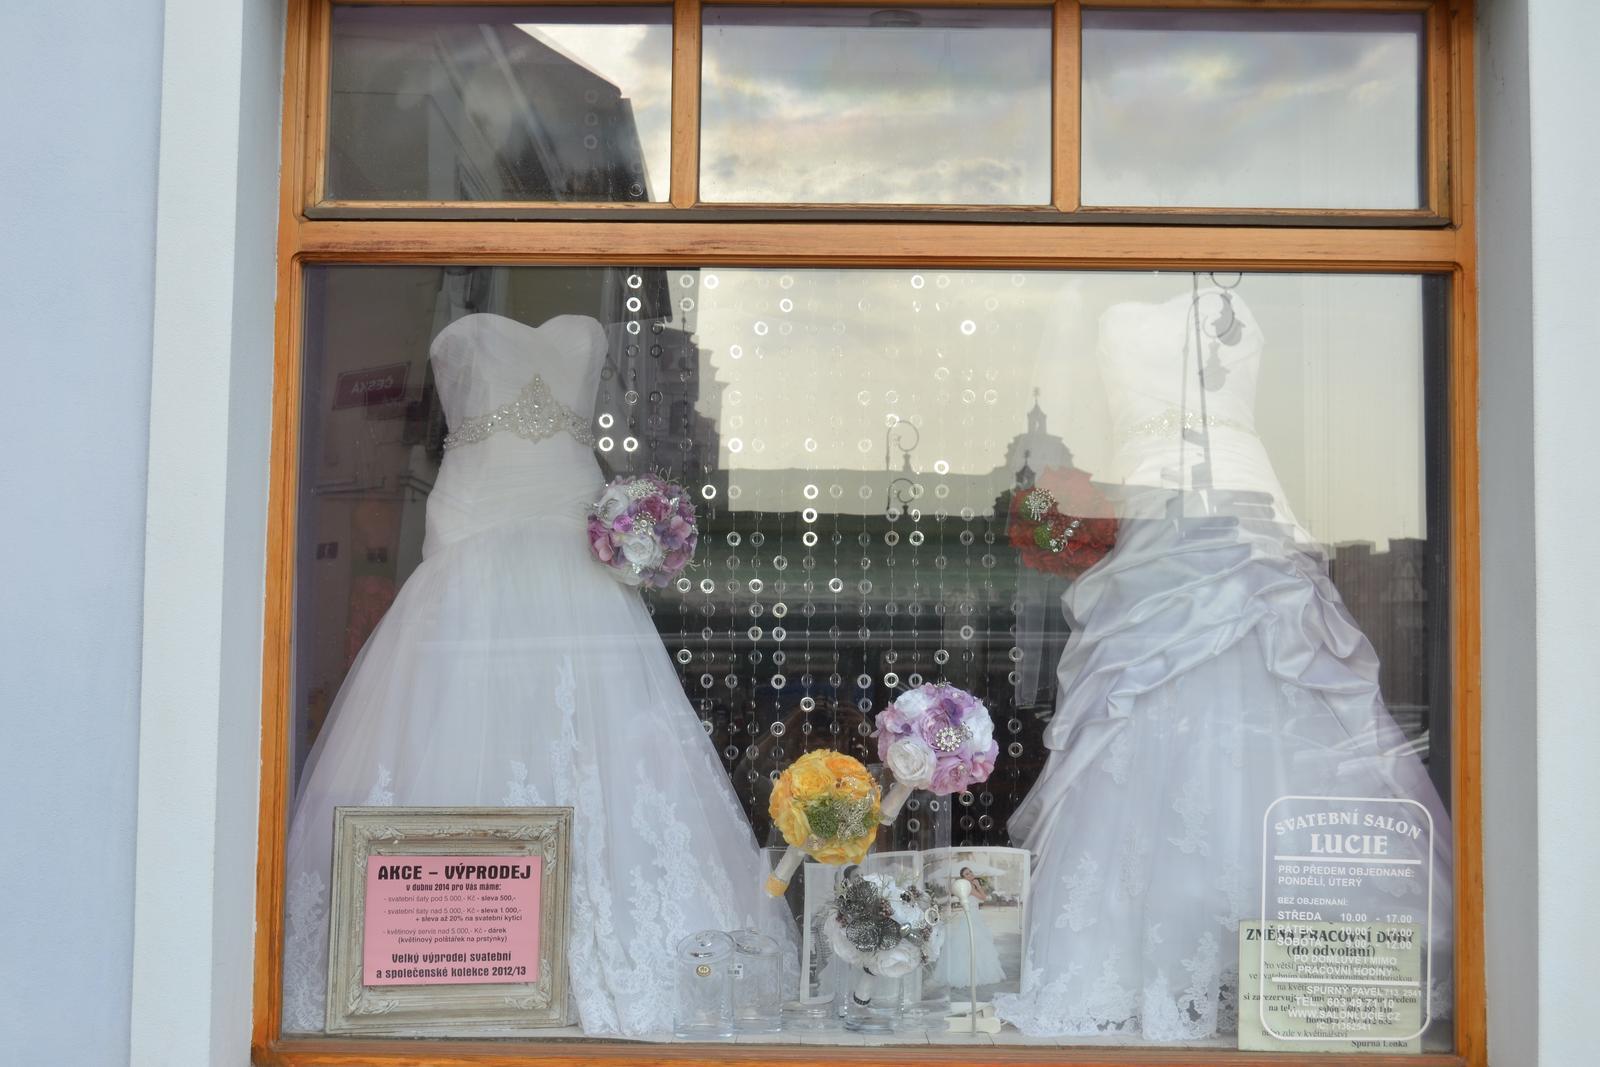 Látkové umělé svatební kytice-info - Obrázek č. 16